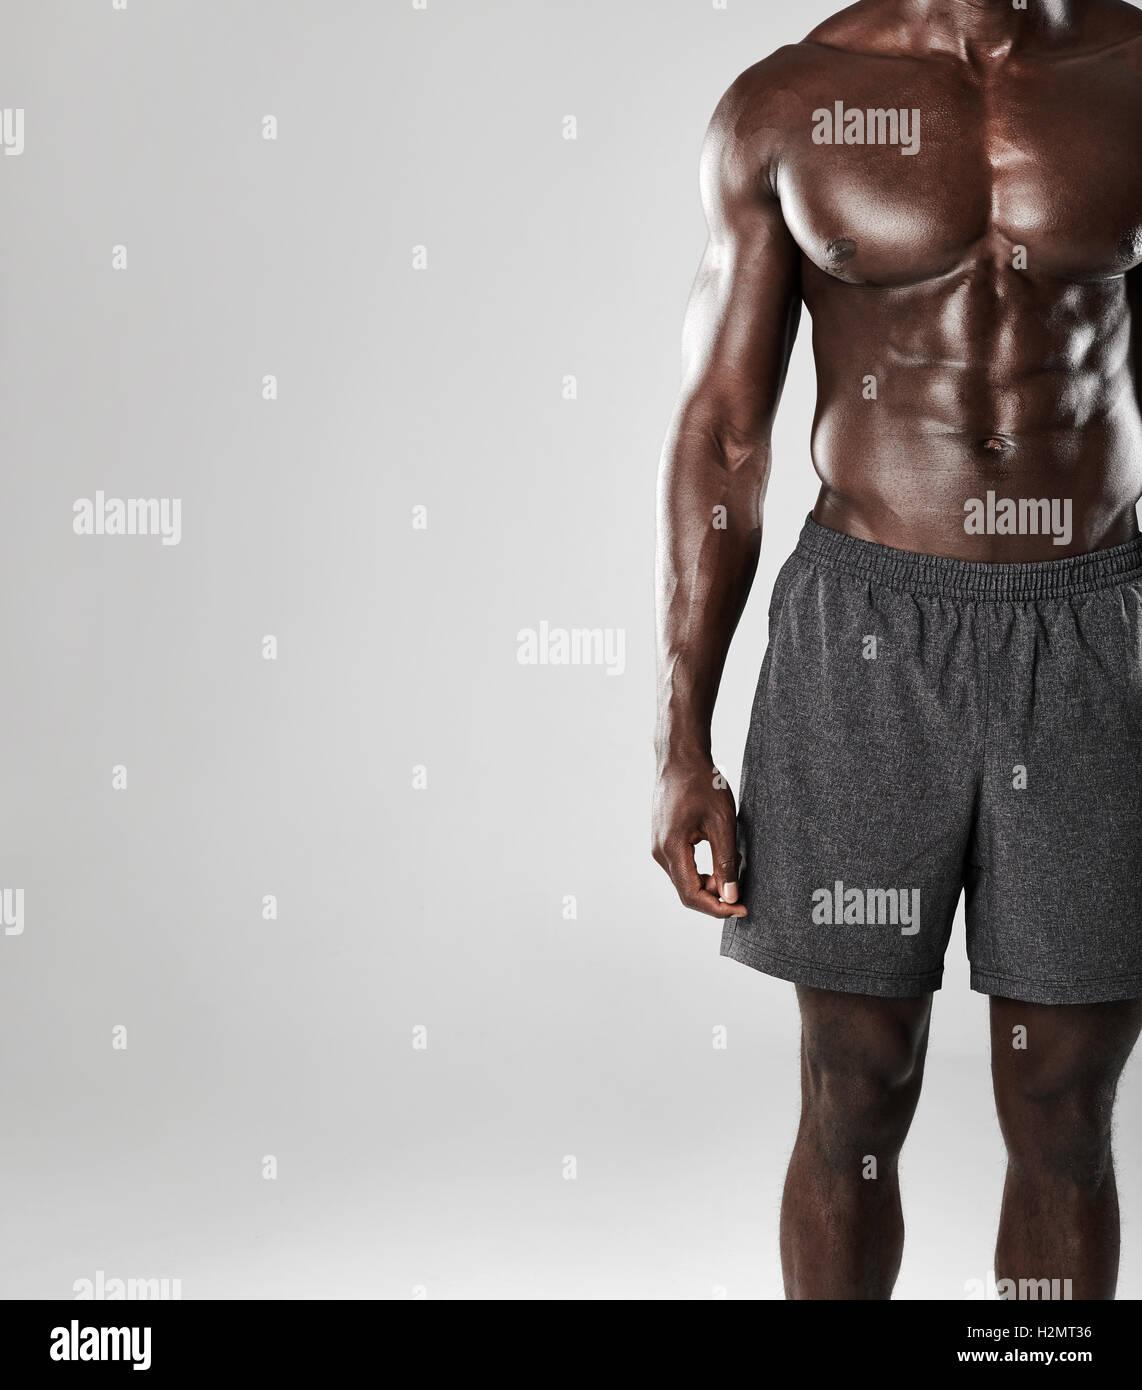 Schuss von jungen afrikanischen muskulöser Mann Körper vor grauem ...